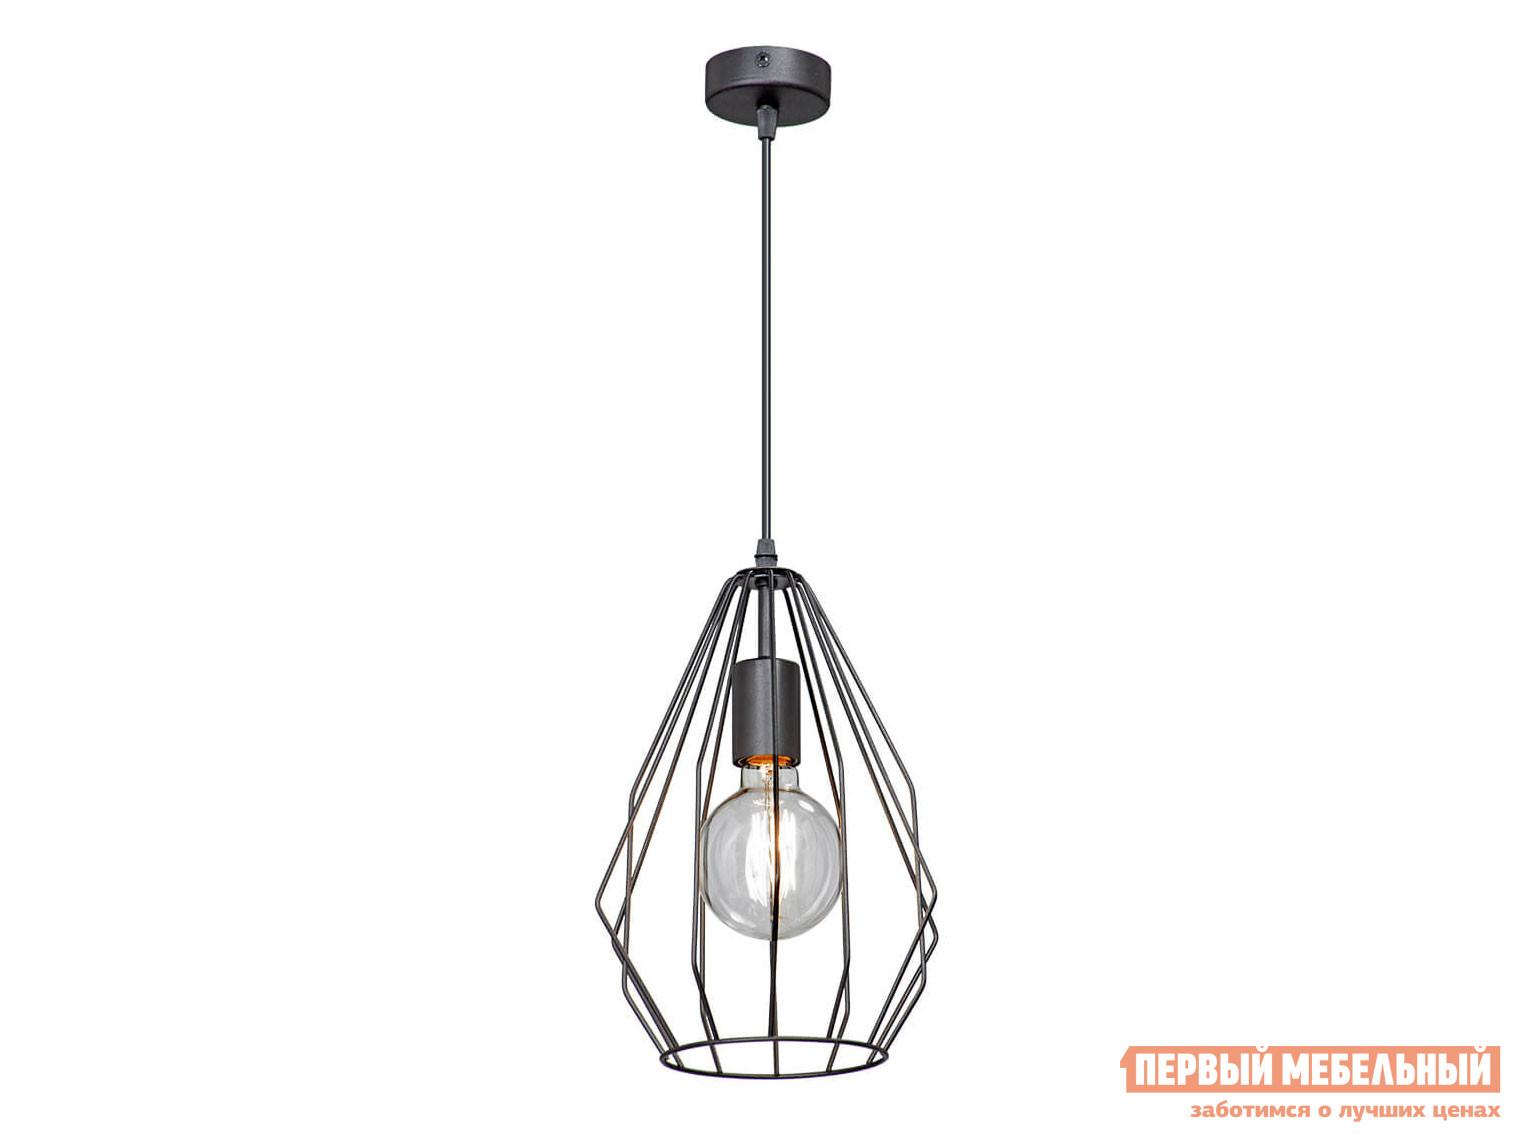 Подвесной светильник КСК-электро Люстра V4384-1/1S